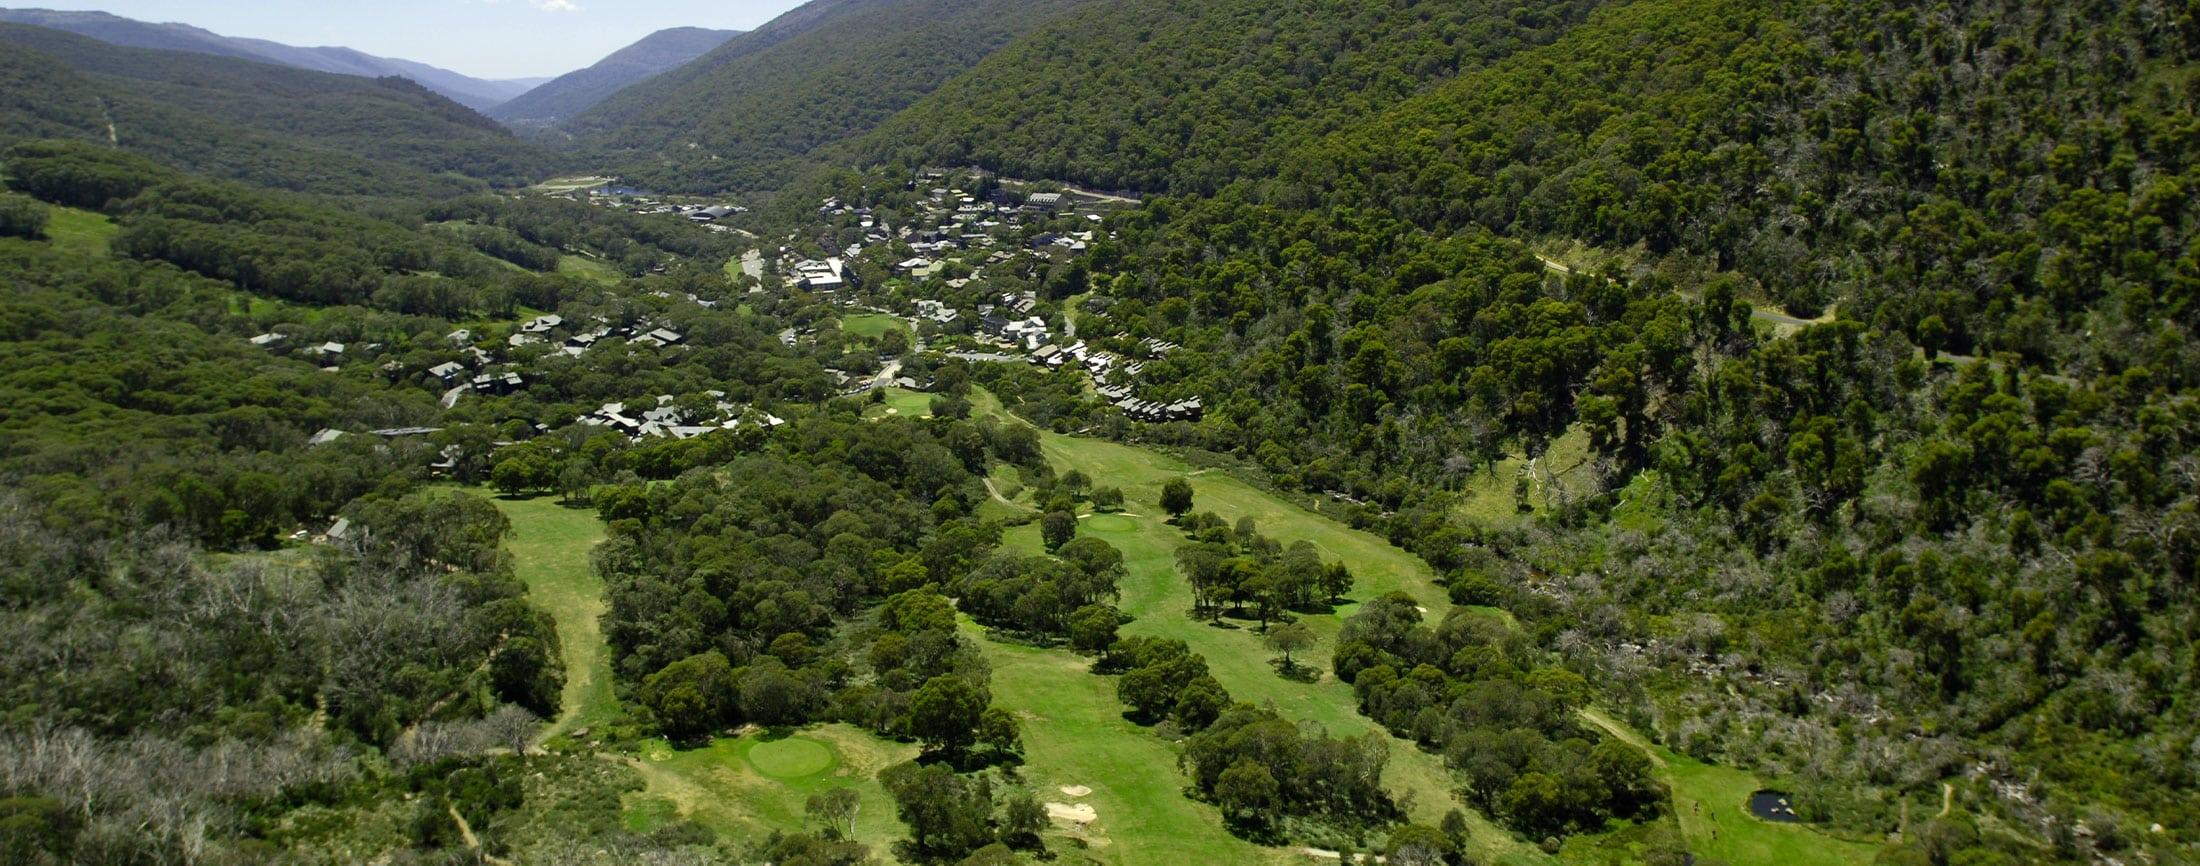 Thredbo Golf Club